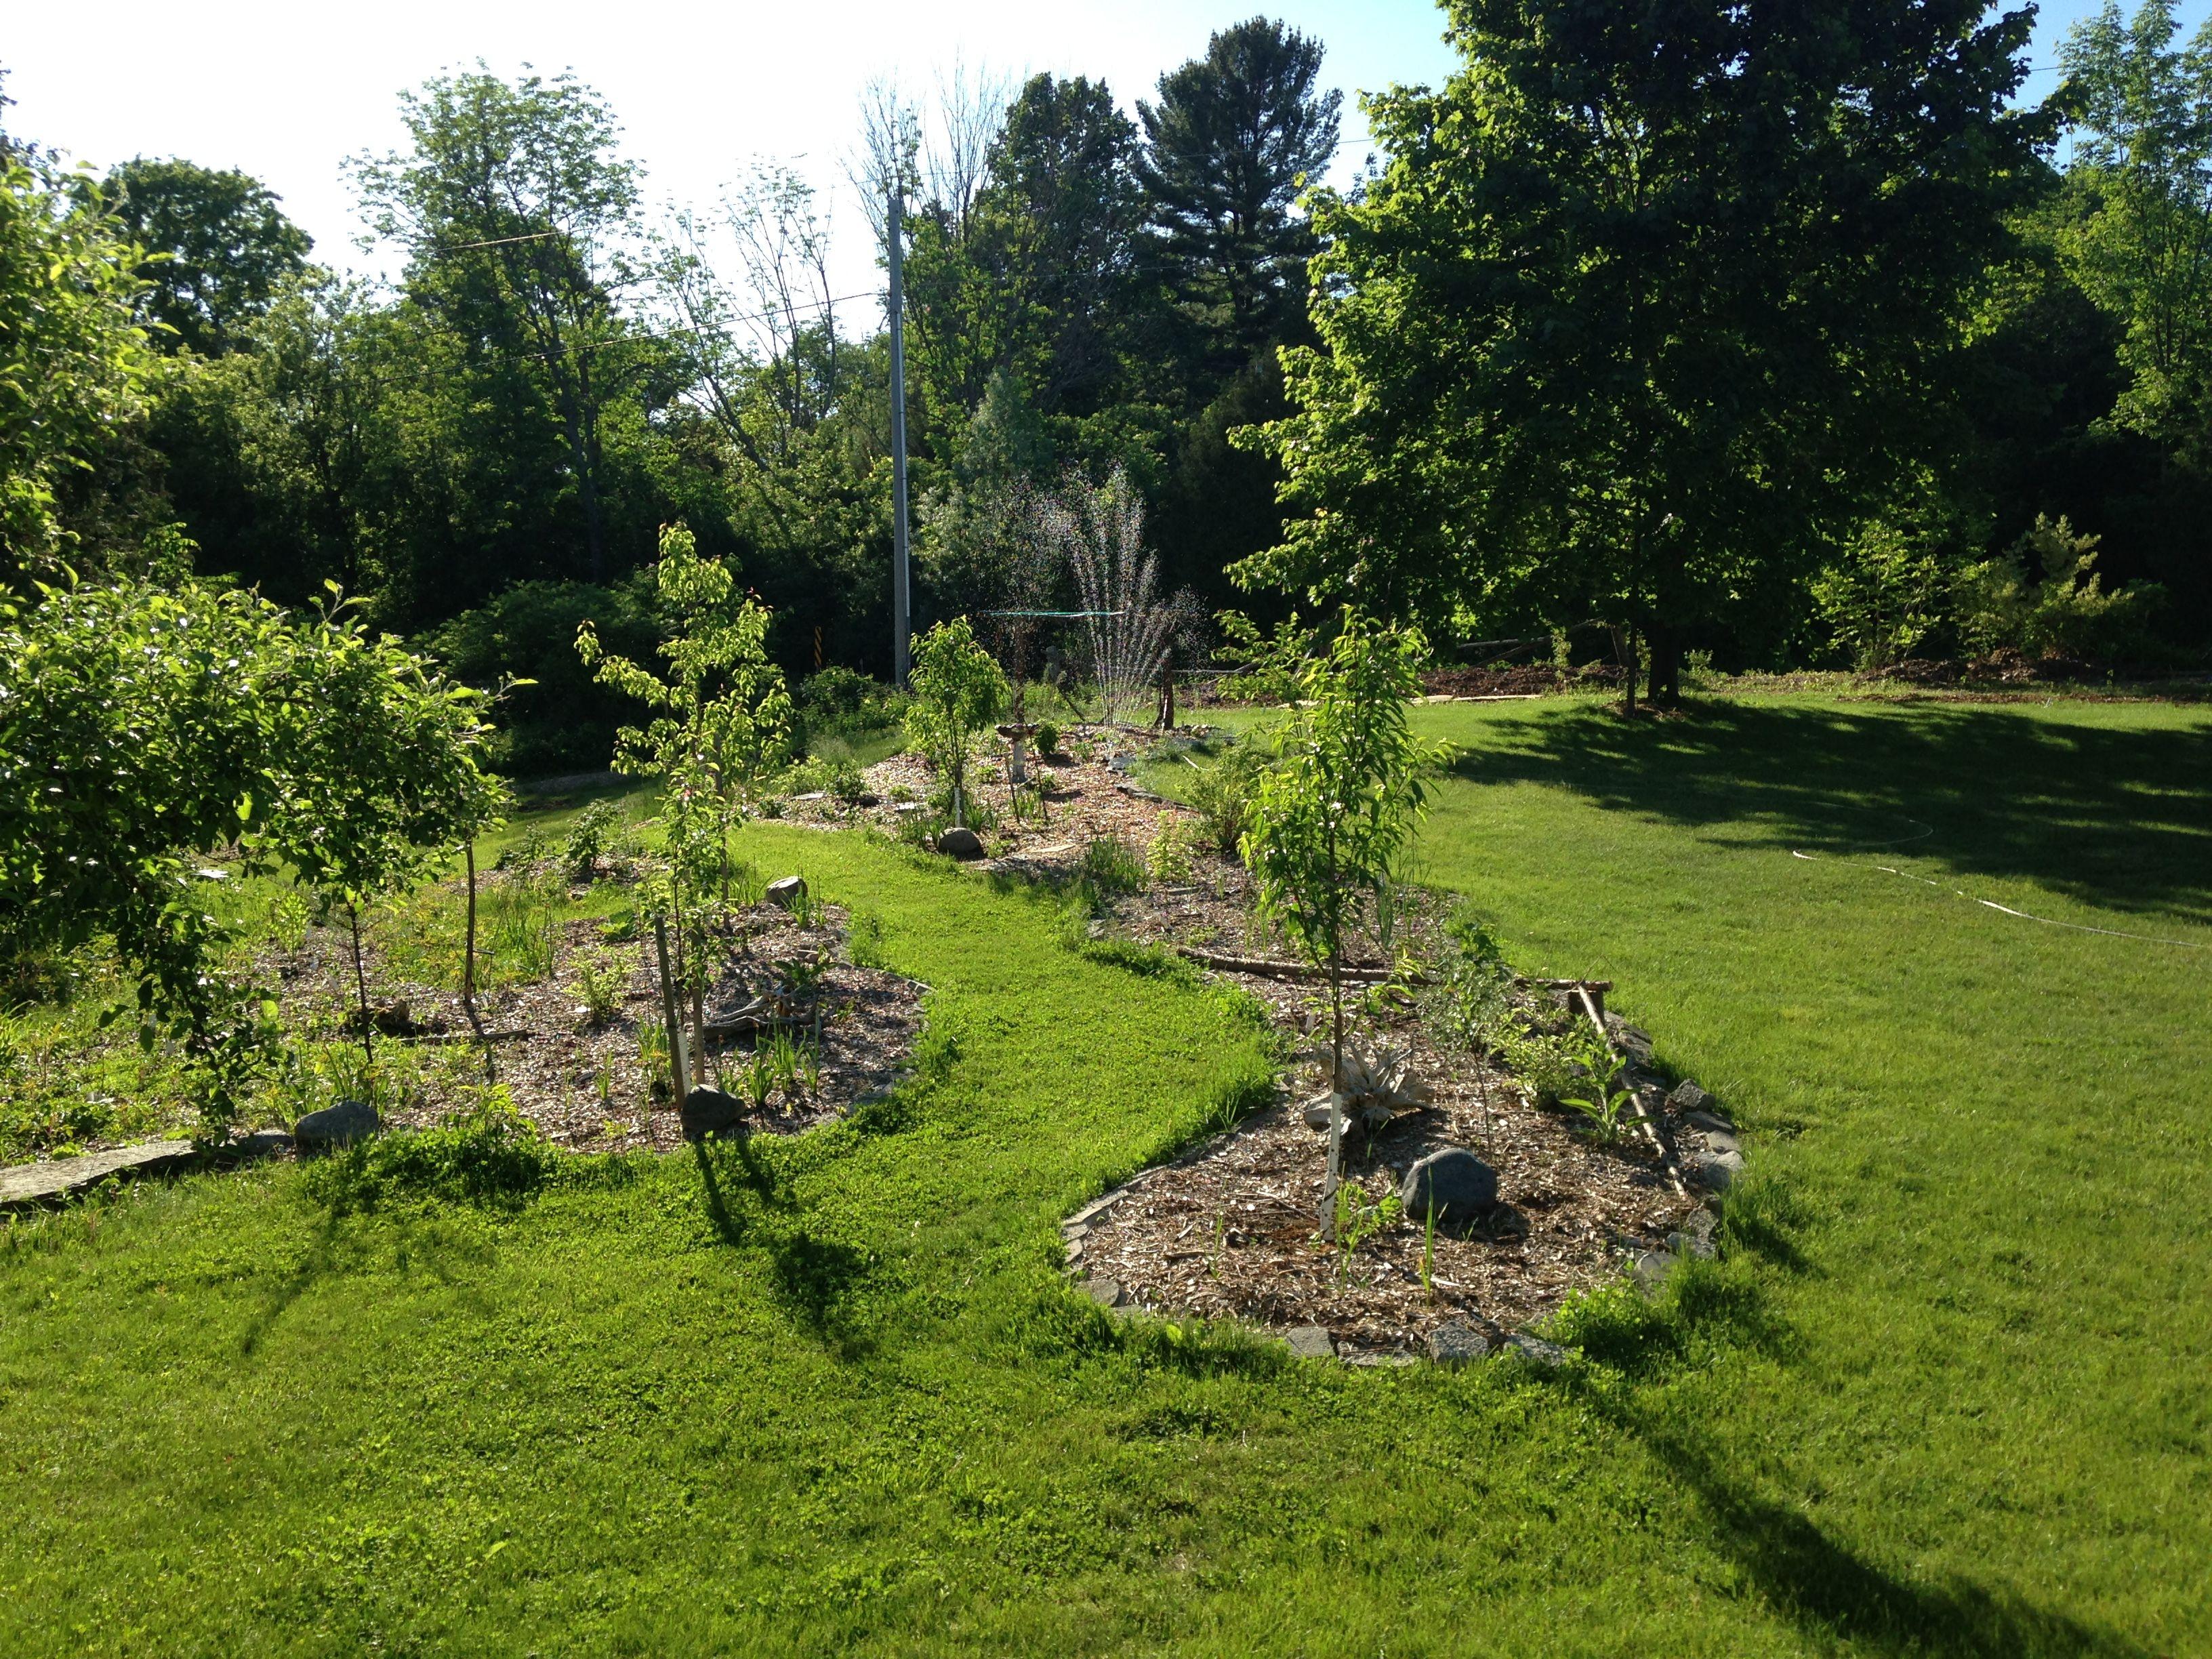 Food forest garden update june 2 2018 ontario canada